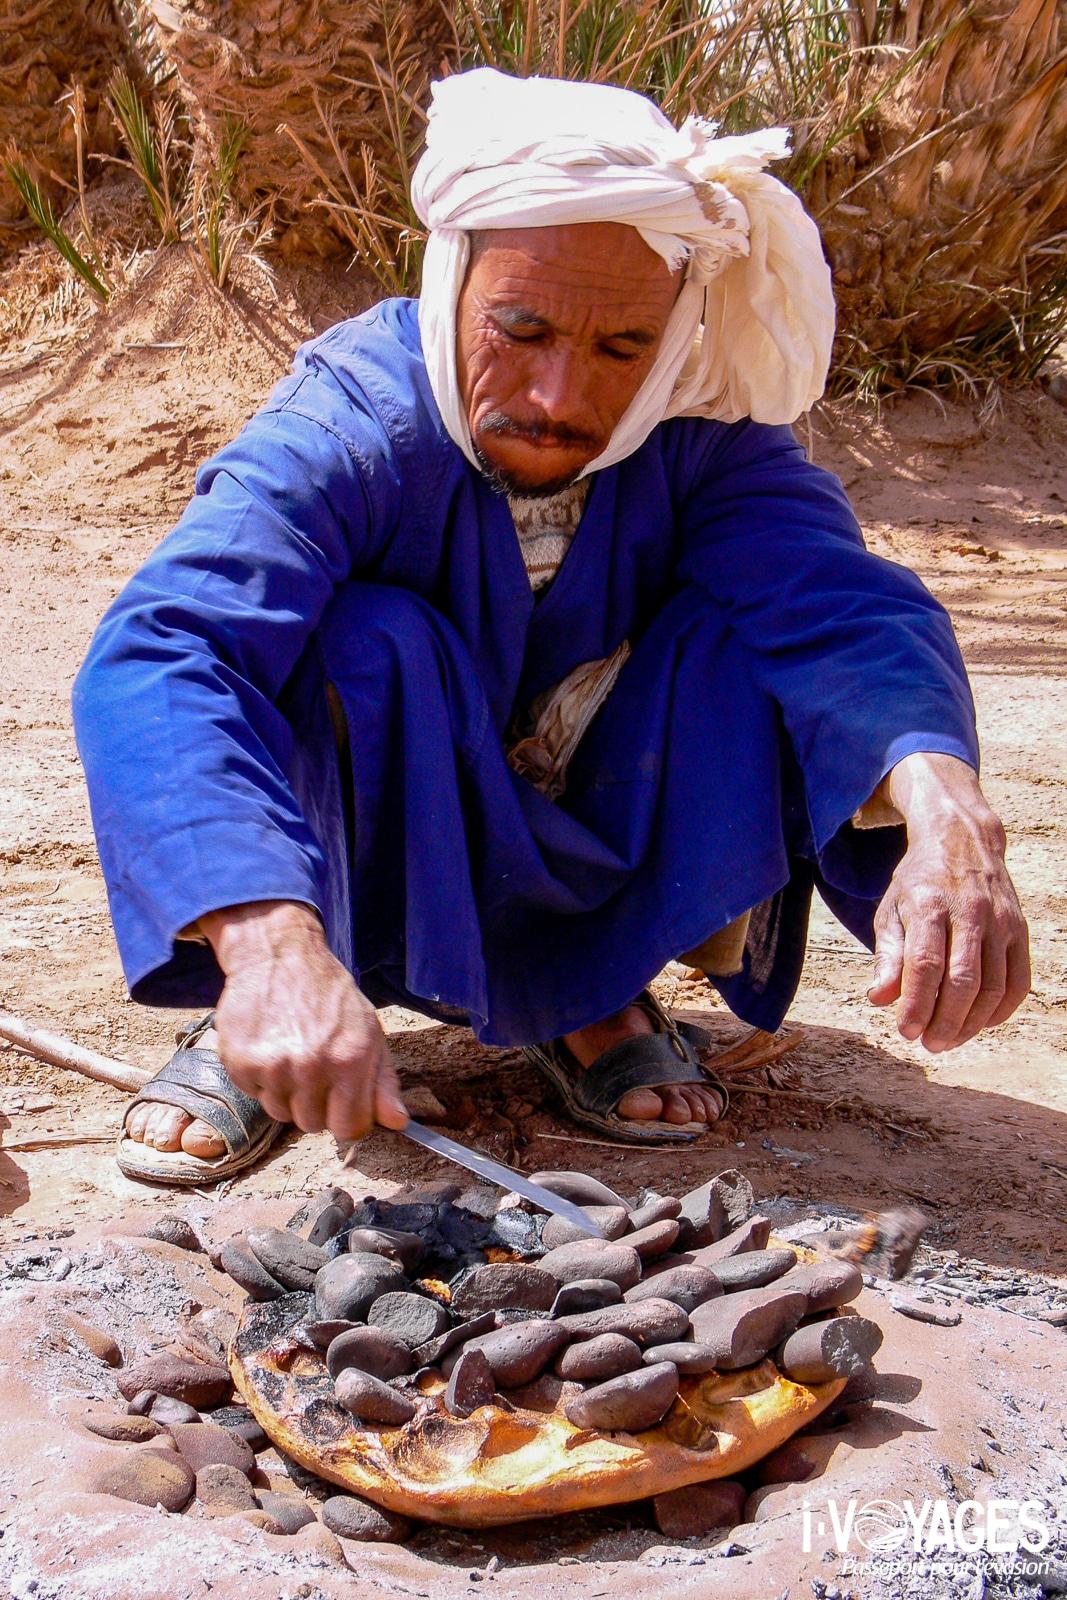 Le pain du désert, 5 expériences de food travel à vivre au Maroc